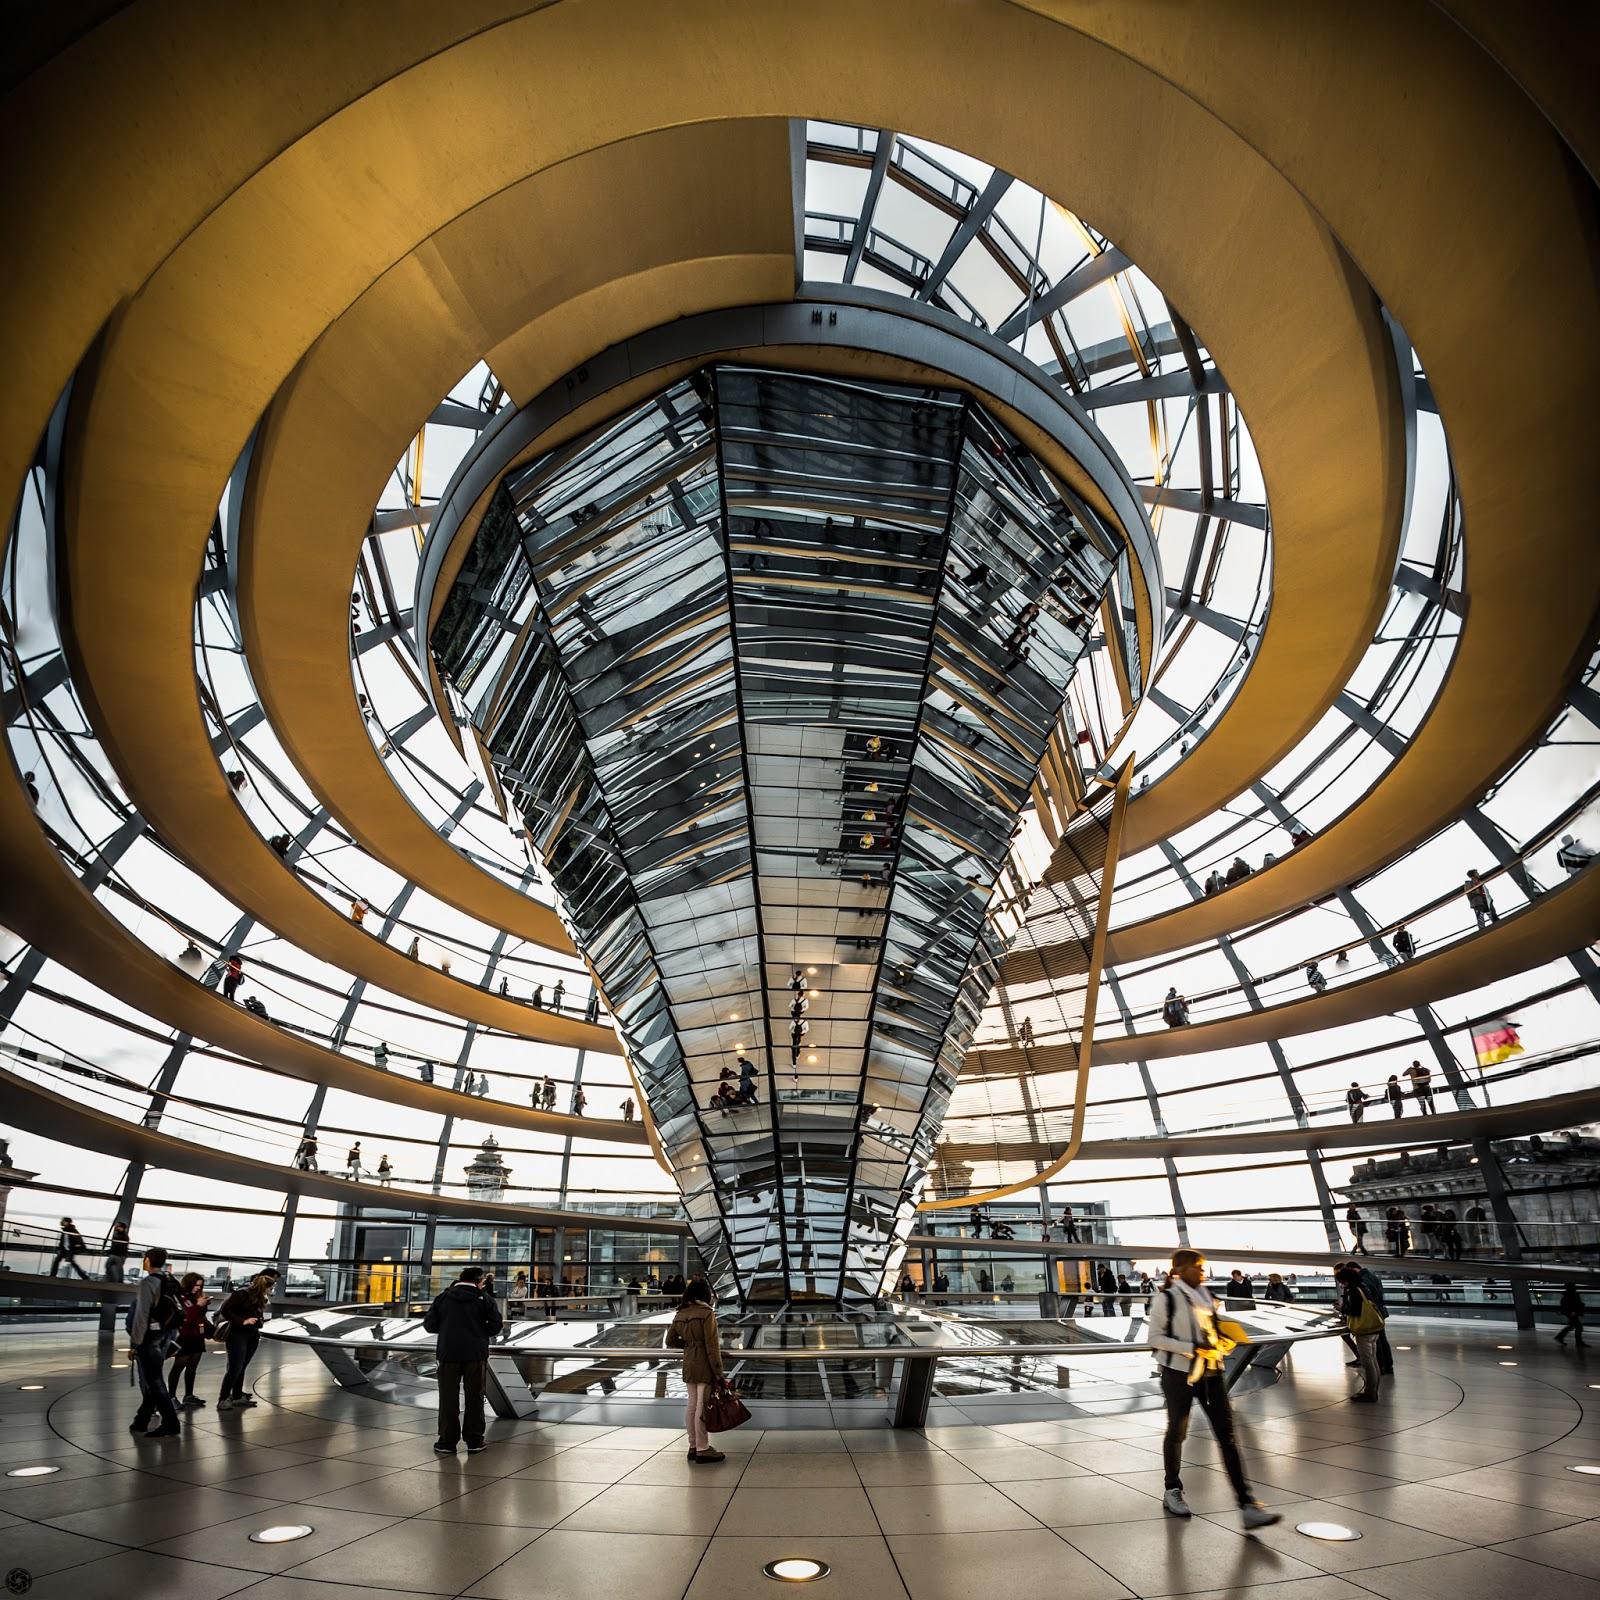 Tronco de espejos en la cúpula del Bundestag :: Panorámica (33Mpixels) 6x Canon EOS5D MkIII | ISO1600 | Canon17-40 @17mm | f/5.6 | 1/20s